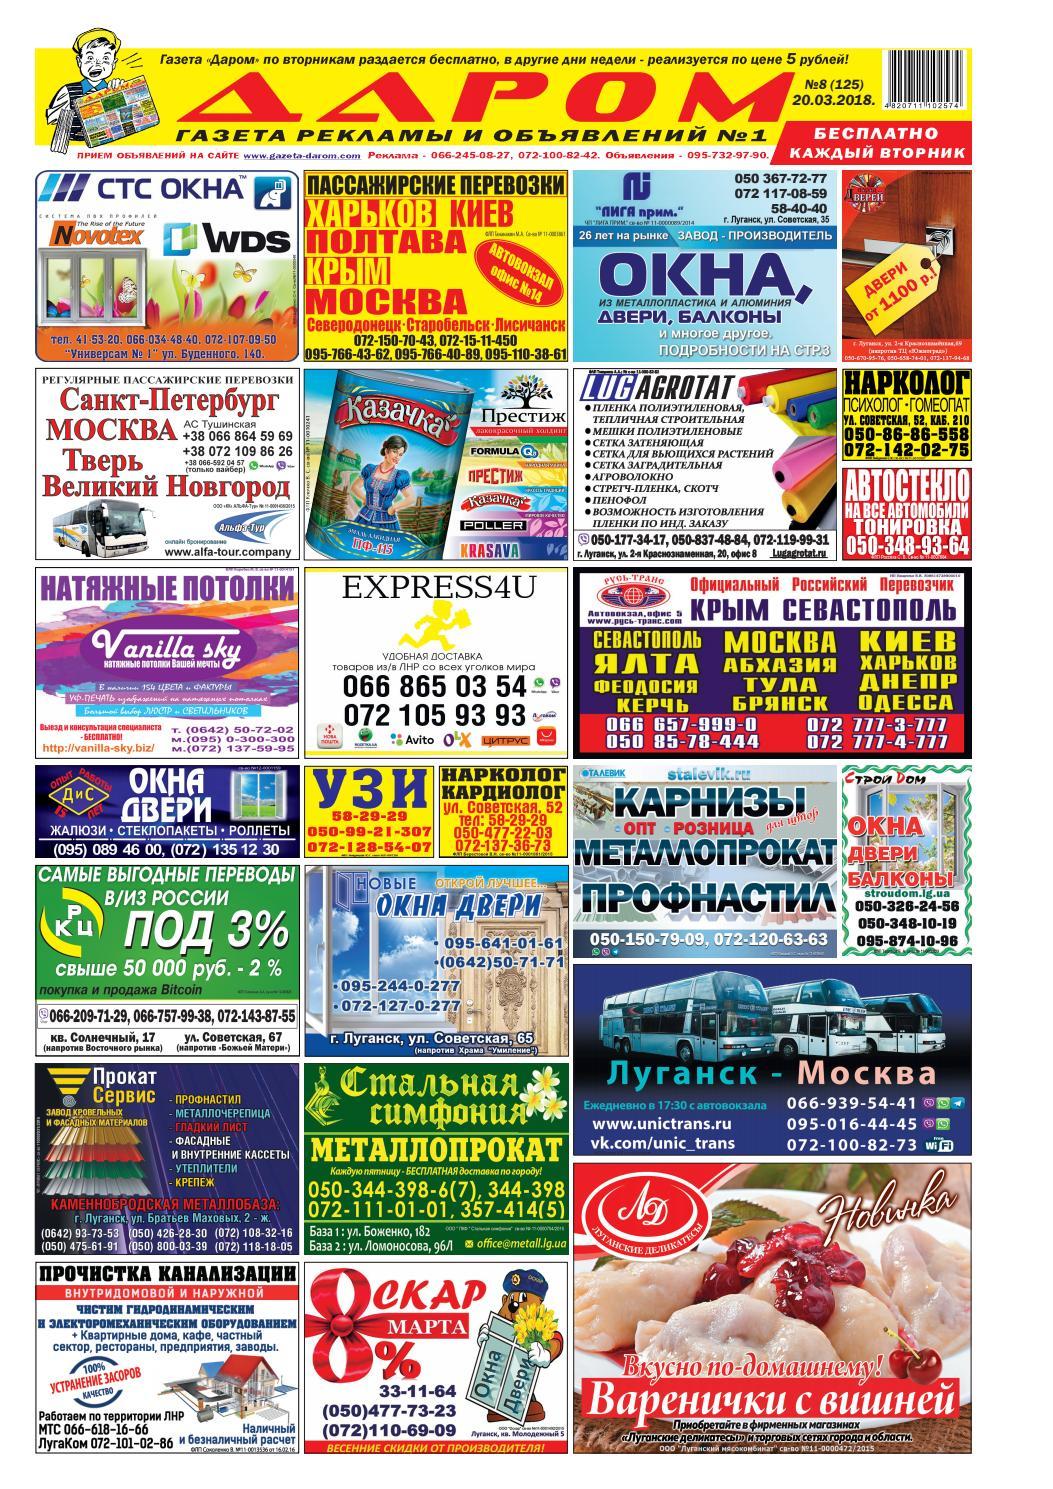 d65ff0326 Свежий выпуск газеты ДАРОМ № 8 (125) от 20.03.2018 by gazeta.darom - issuu